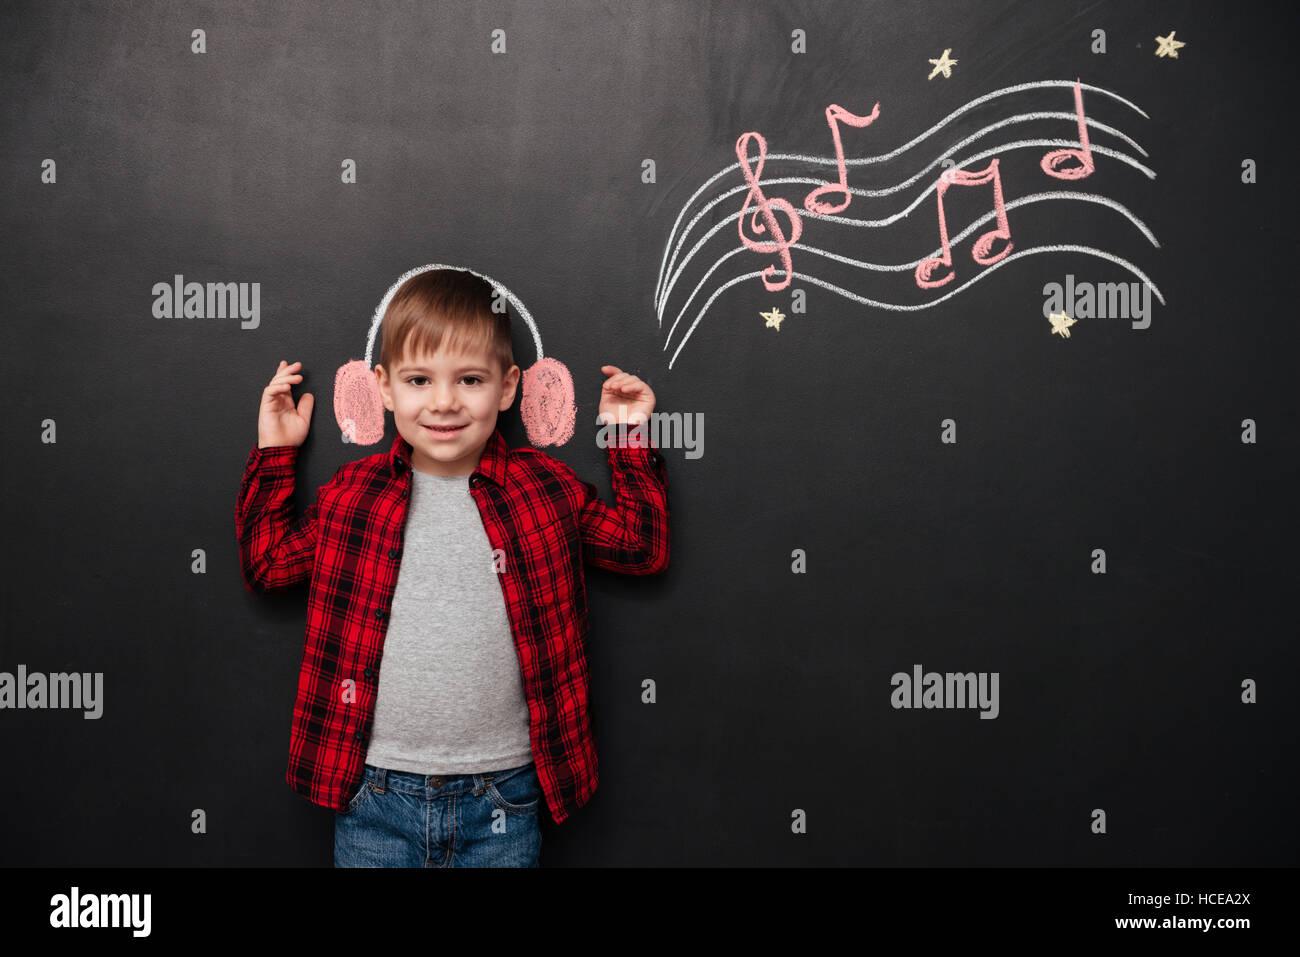 Bild von Geißlein Musikhören über schwarze Tafel mit musikalisch Zeichnungen Stockbild